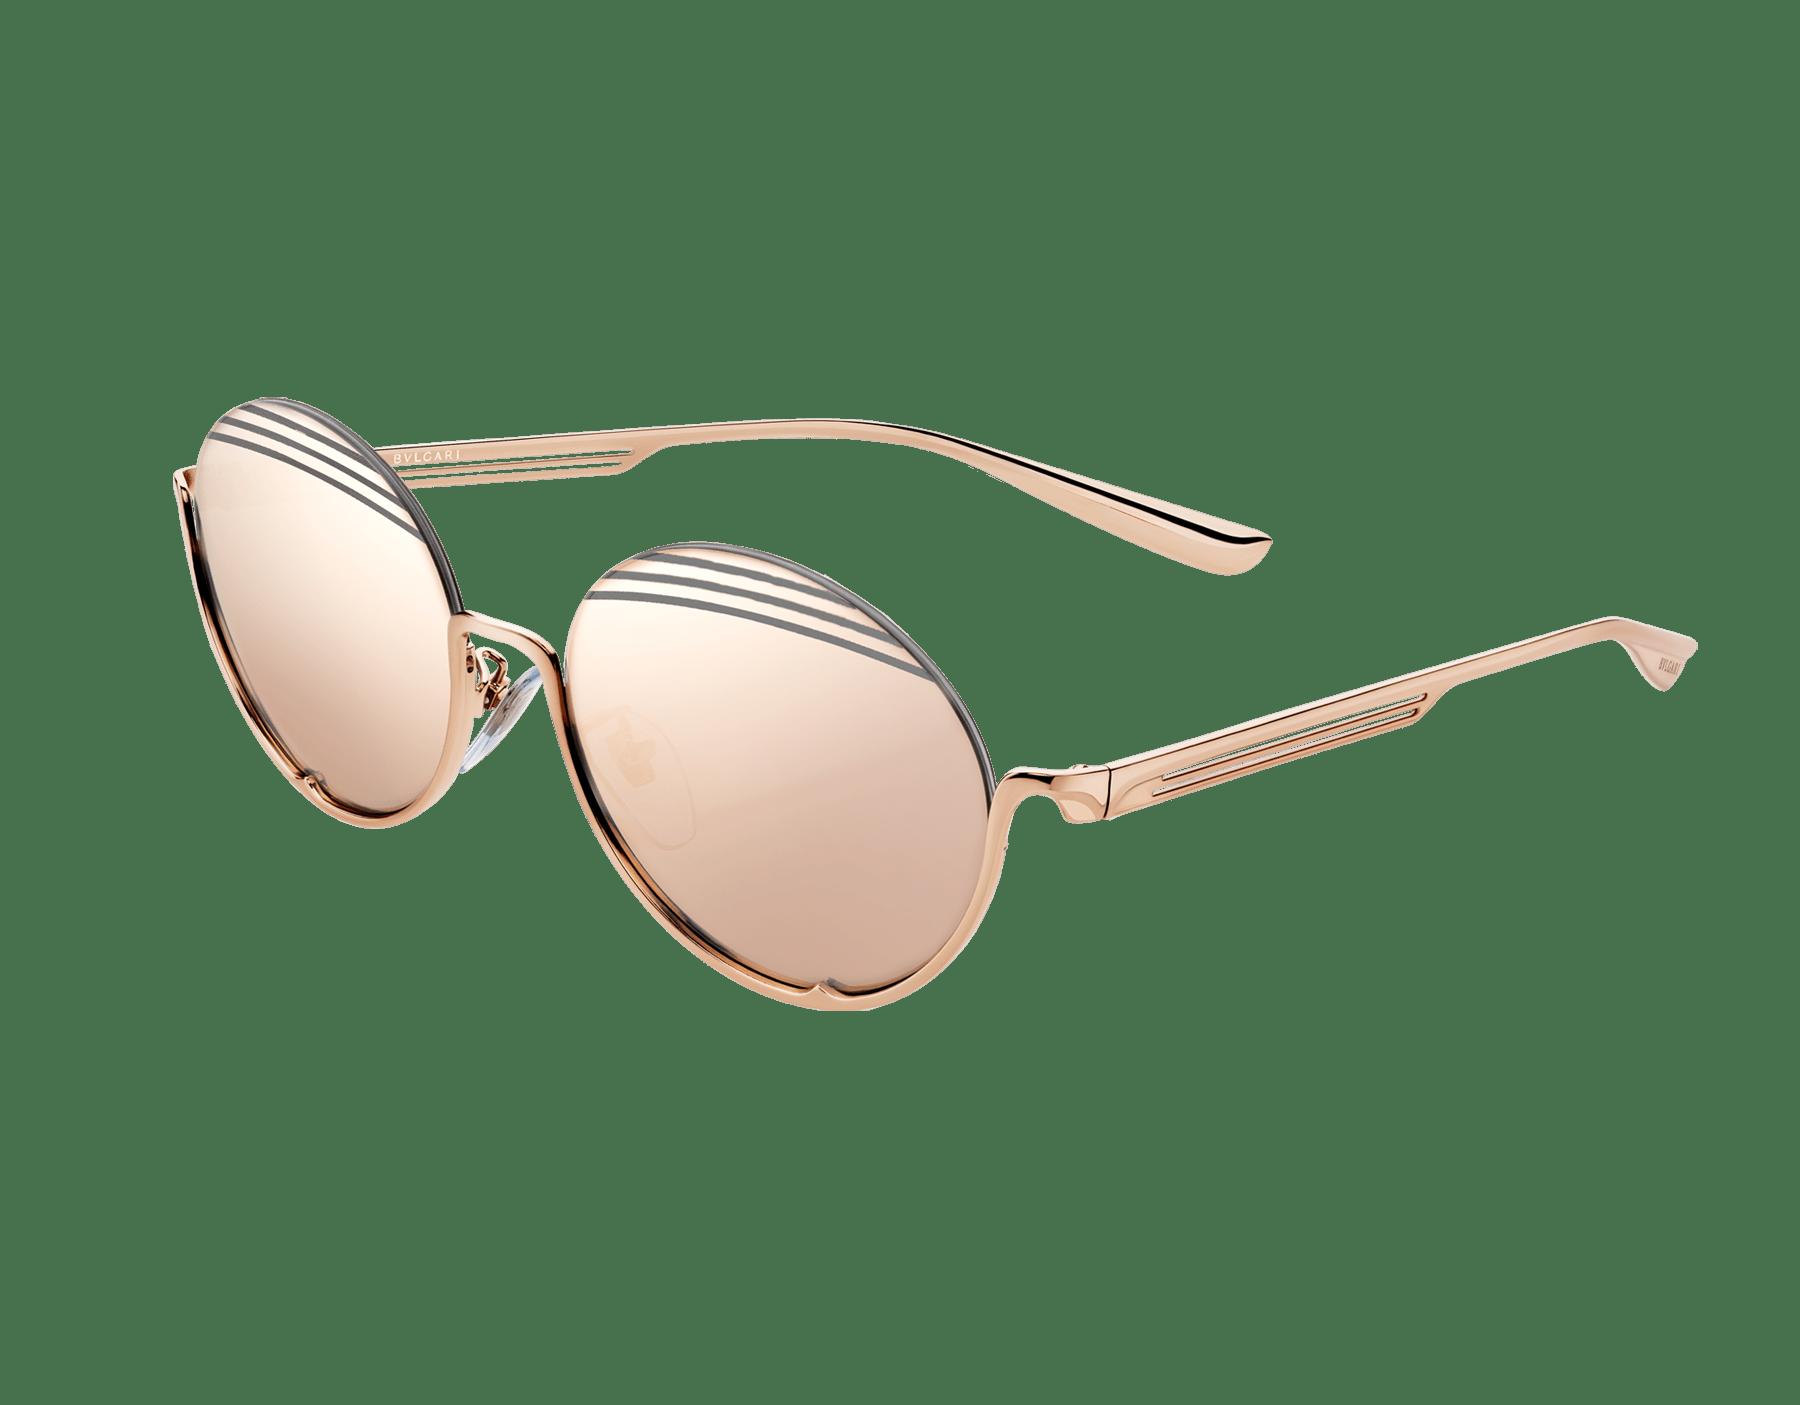 Gafas de sol Bvlgari B.zero1 B.stripe ovaladas con montura de metal. 903713 image 1